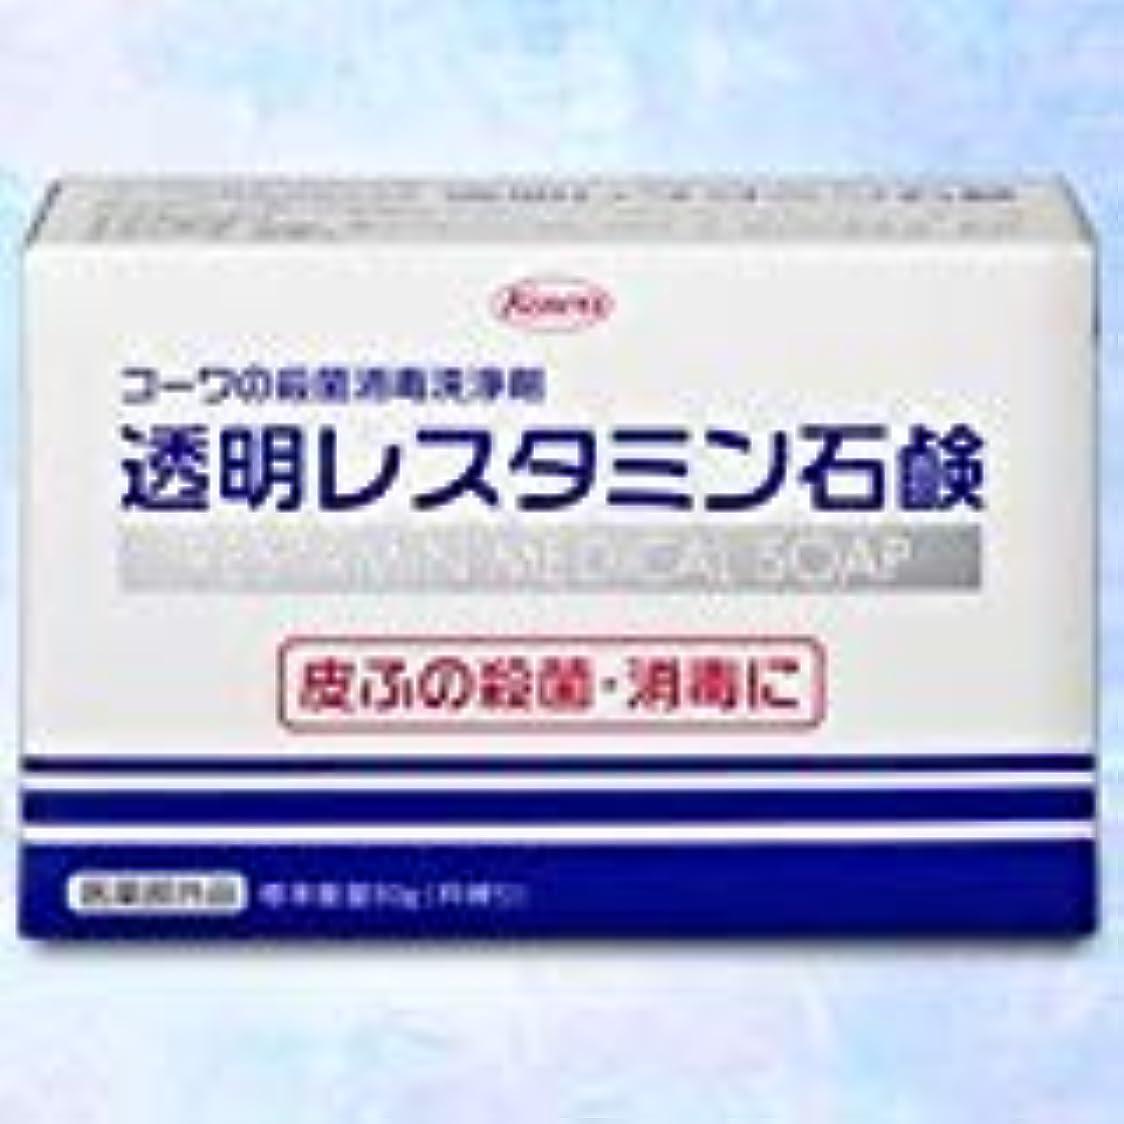 ビートマークされたカルシウム【興和】コーワの殺菌消毒洗浄剤「透明レスタミン石鹸」80g(医薬部外品) ×3個セット